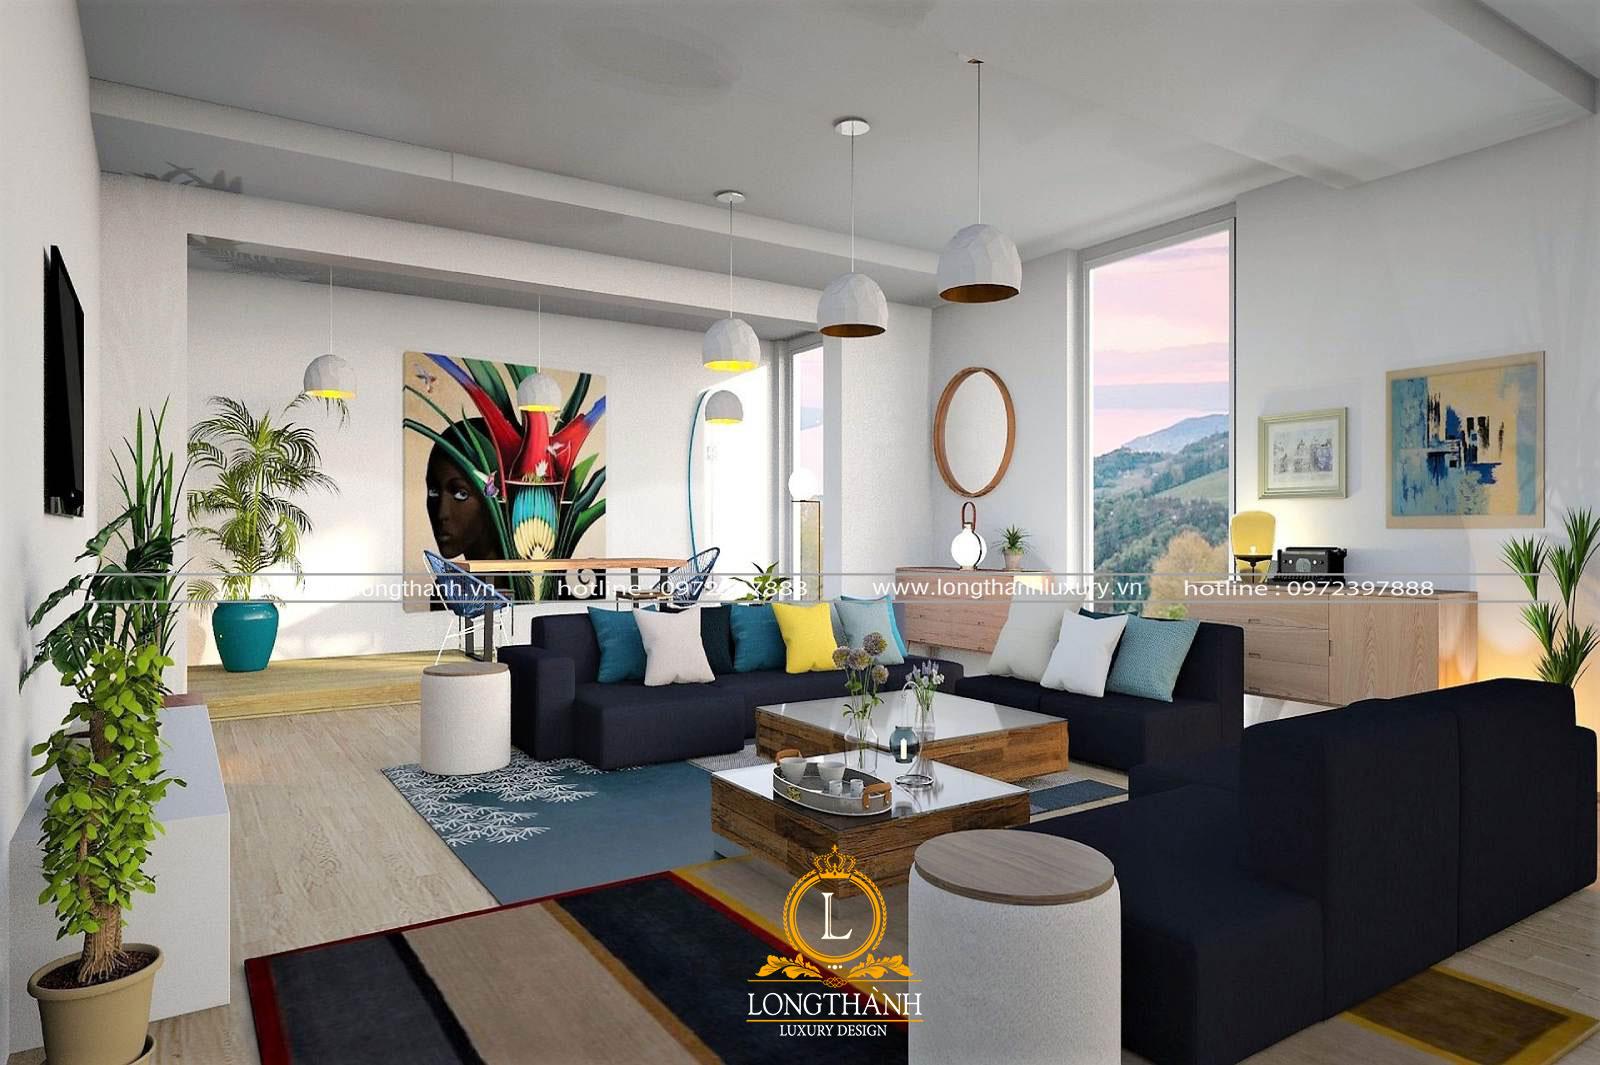 Sofa chữ u phong cách hiện đại cho chung cư làm từ vải nỉ